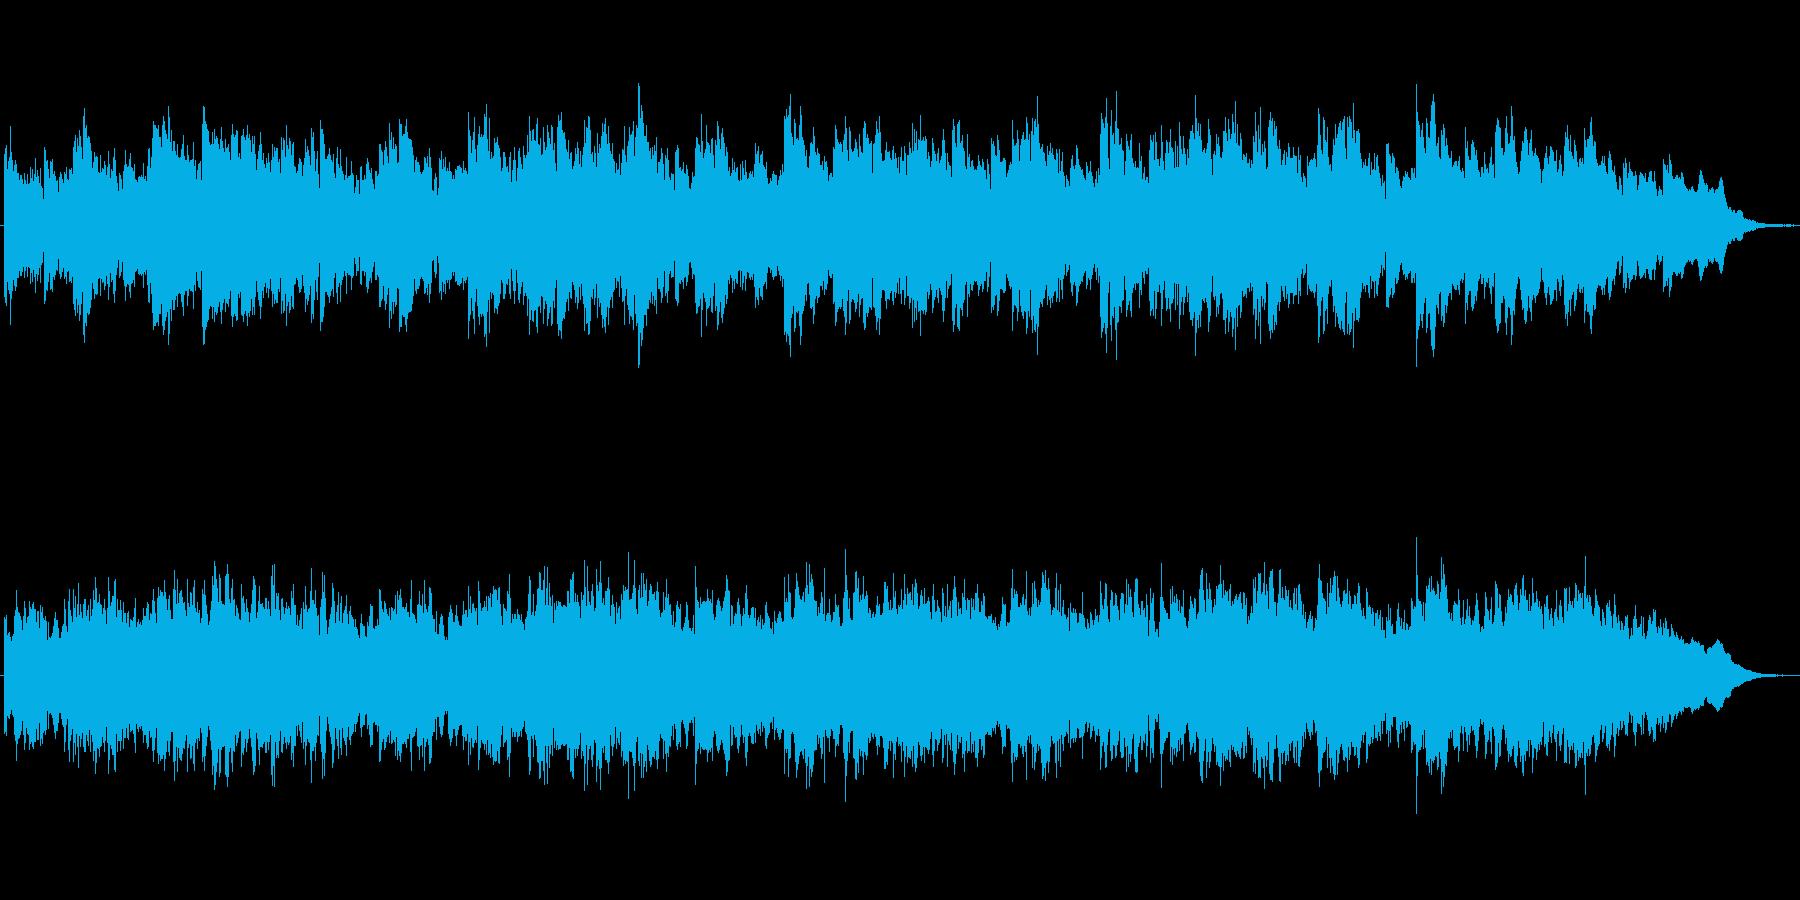 ほのぼのとした雰囲気のシンセのジングルの再生済みの波形